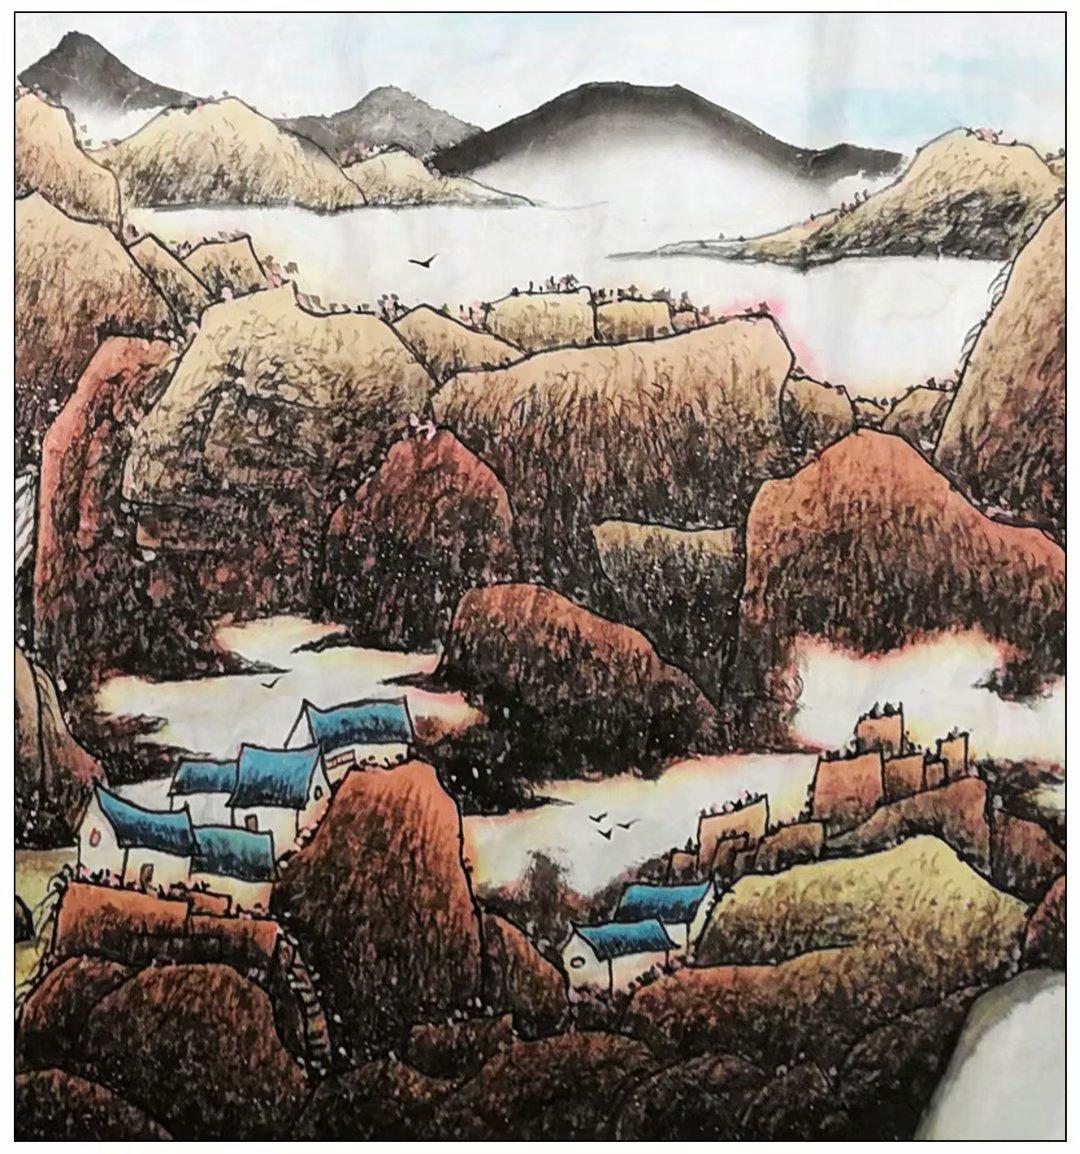 牛志高山水画新作------祝全国的小朋友六一节节日快乐_图1-3